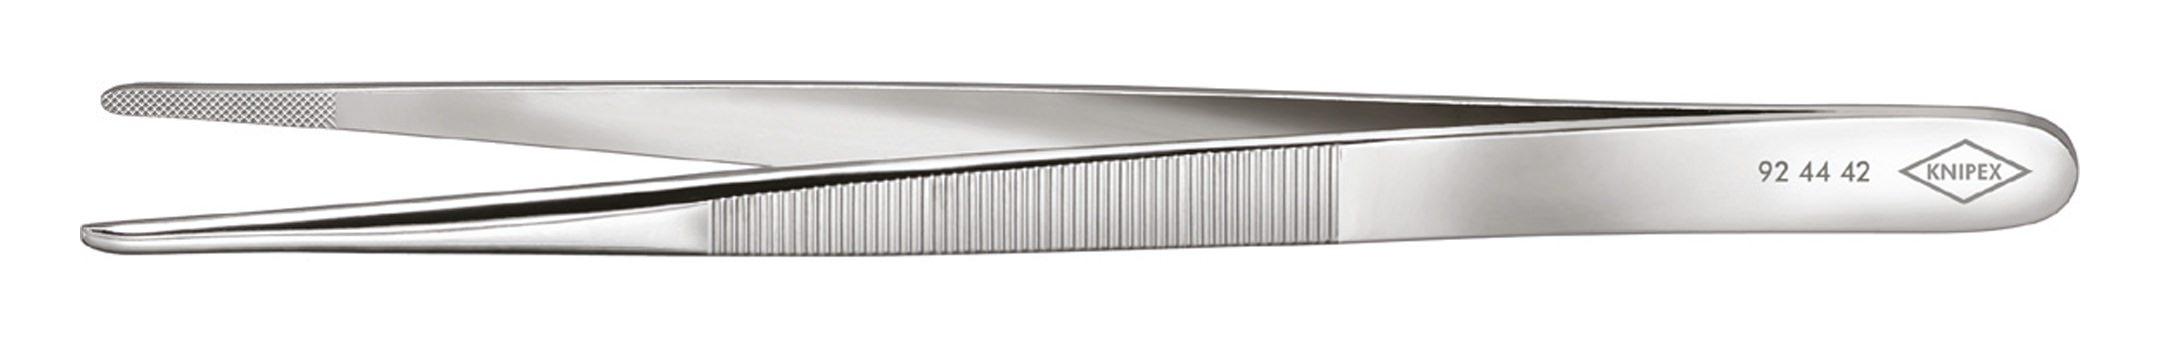 Juwelierpinzette 140mm runde Spitze - 92 44 42